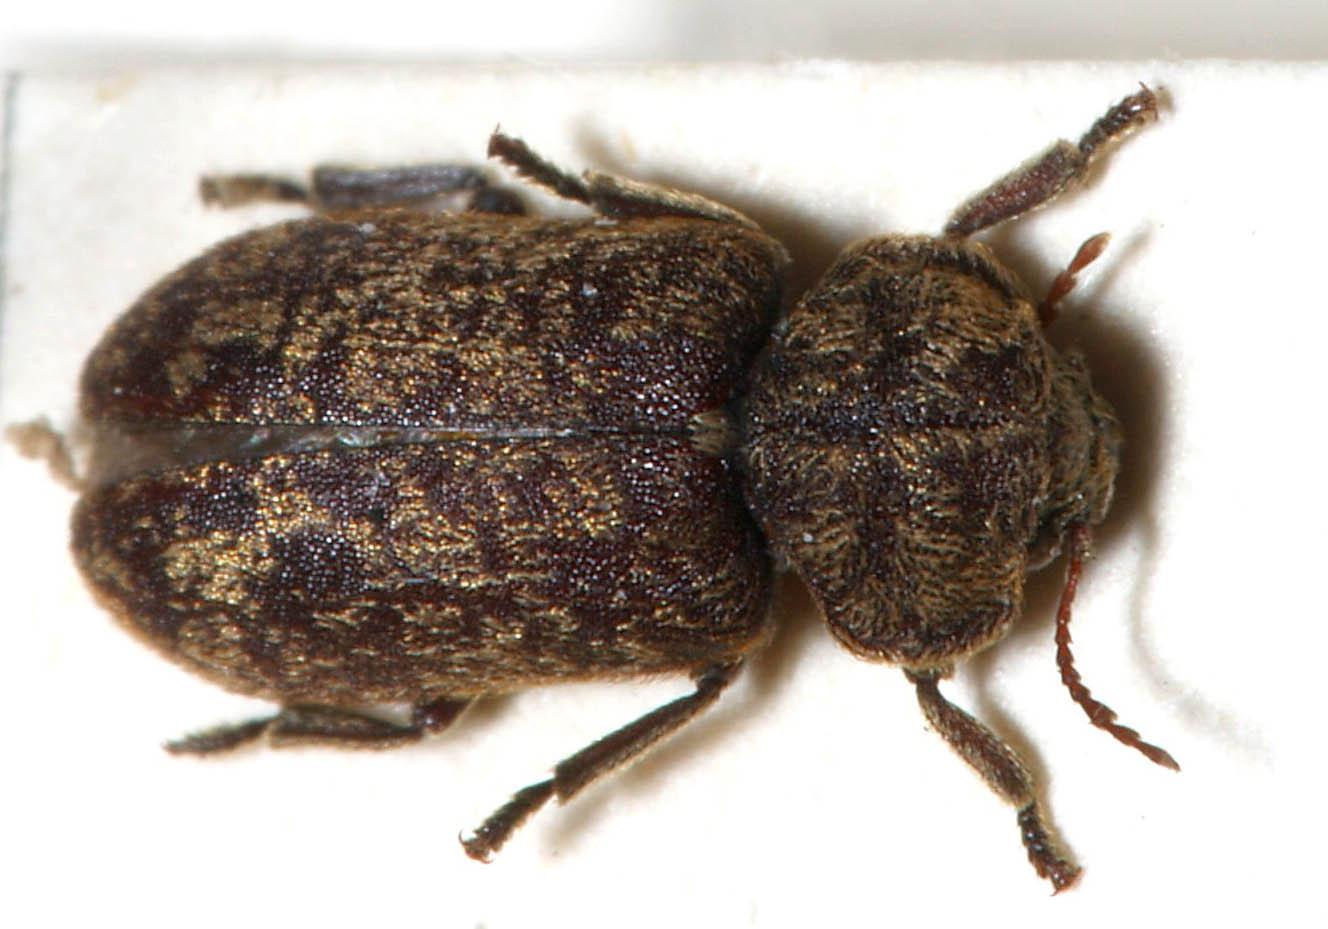 Death Watch Beetle - Xestobium rufovillasum